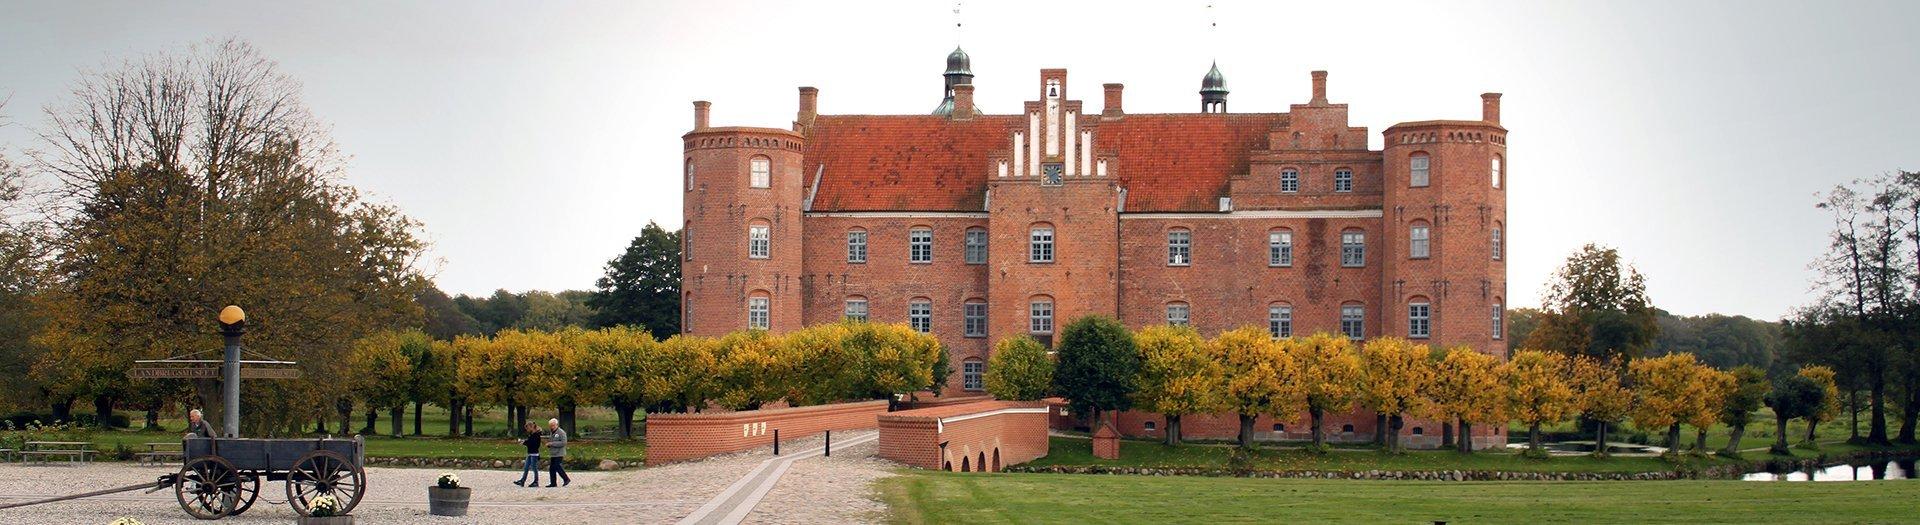 gammel_estrup-bidstrup-gods-slotte-og-herregaarde-noergaards-hoejskole-historie-kultur-sevaerdighed-attraktion-oestjylland-midtjylland-1920-525